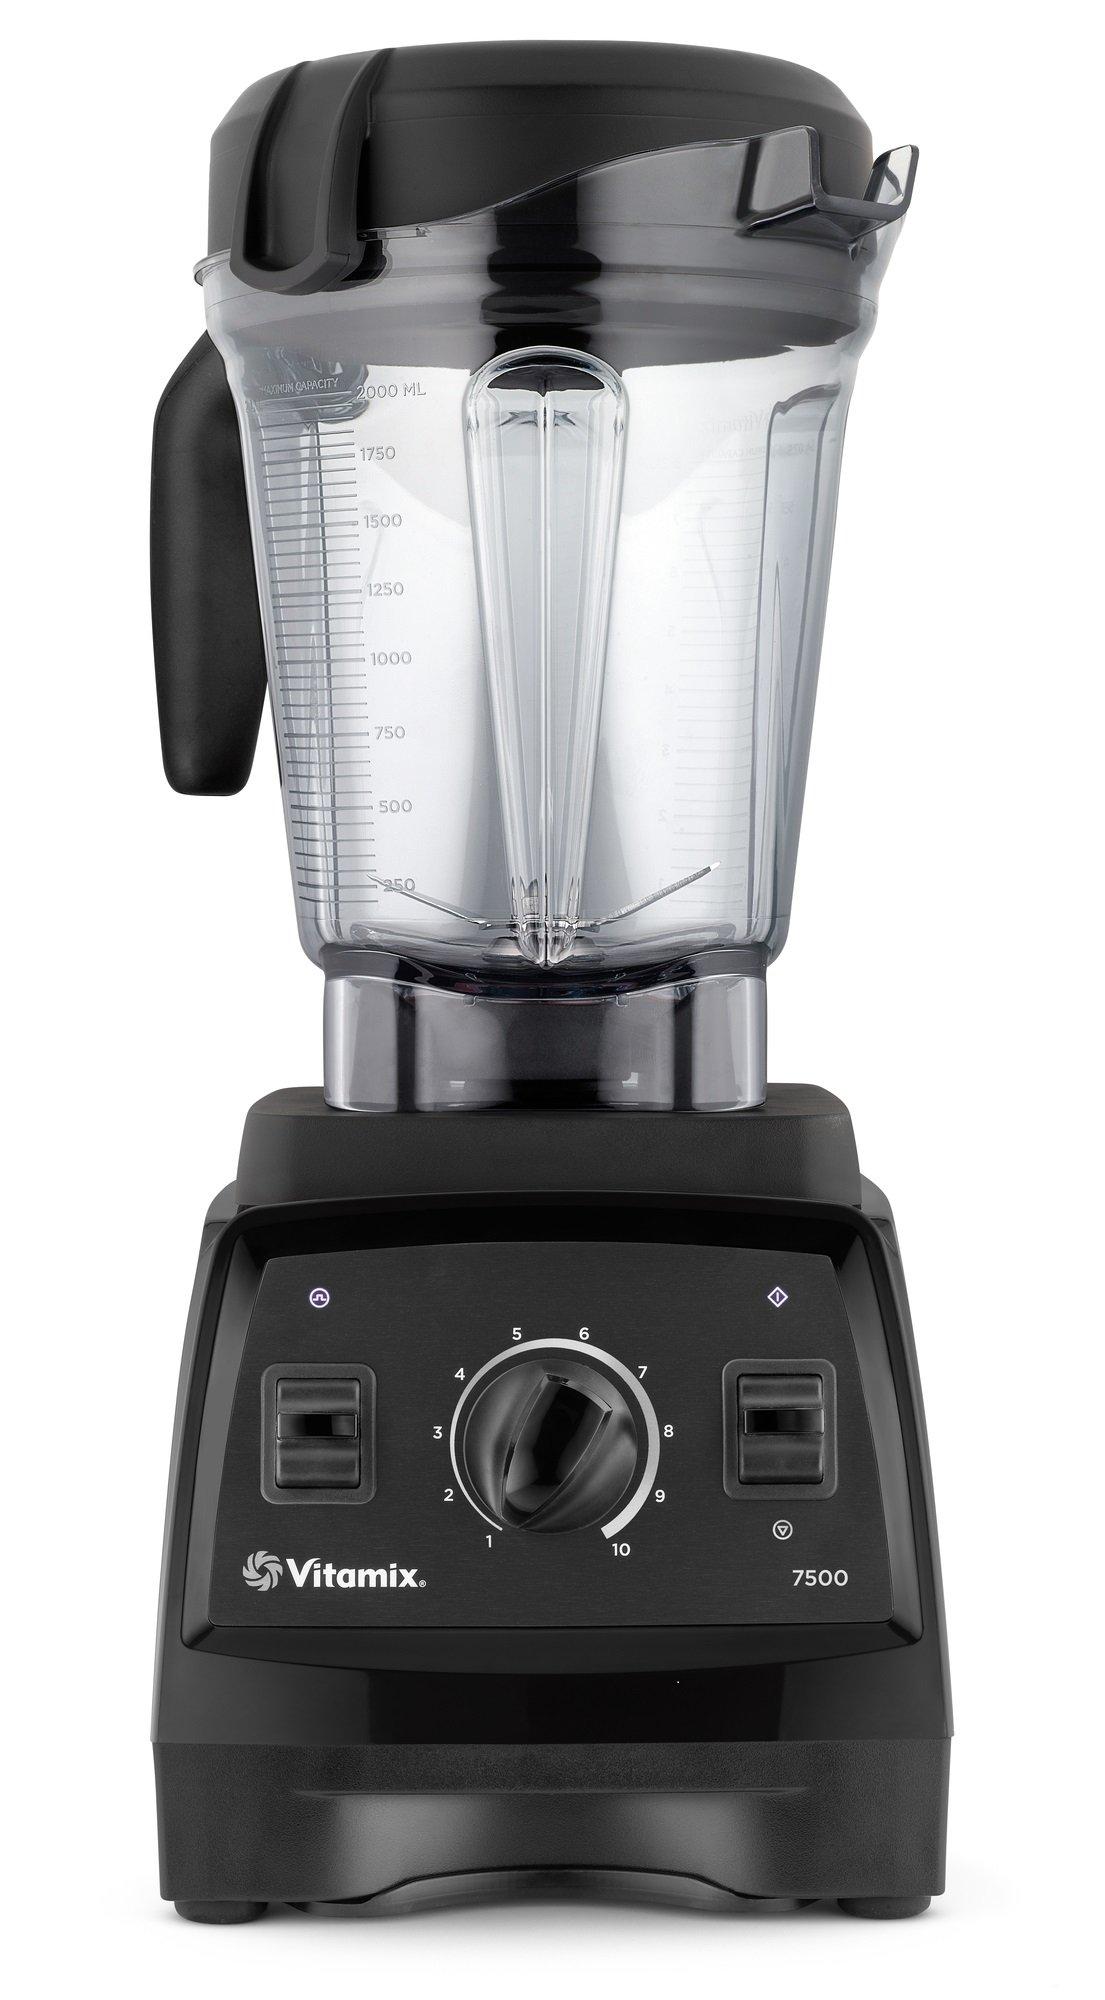 Vitamix 7500 Blender, Black